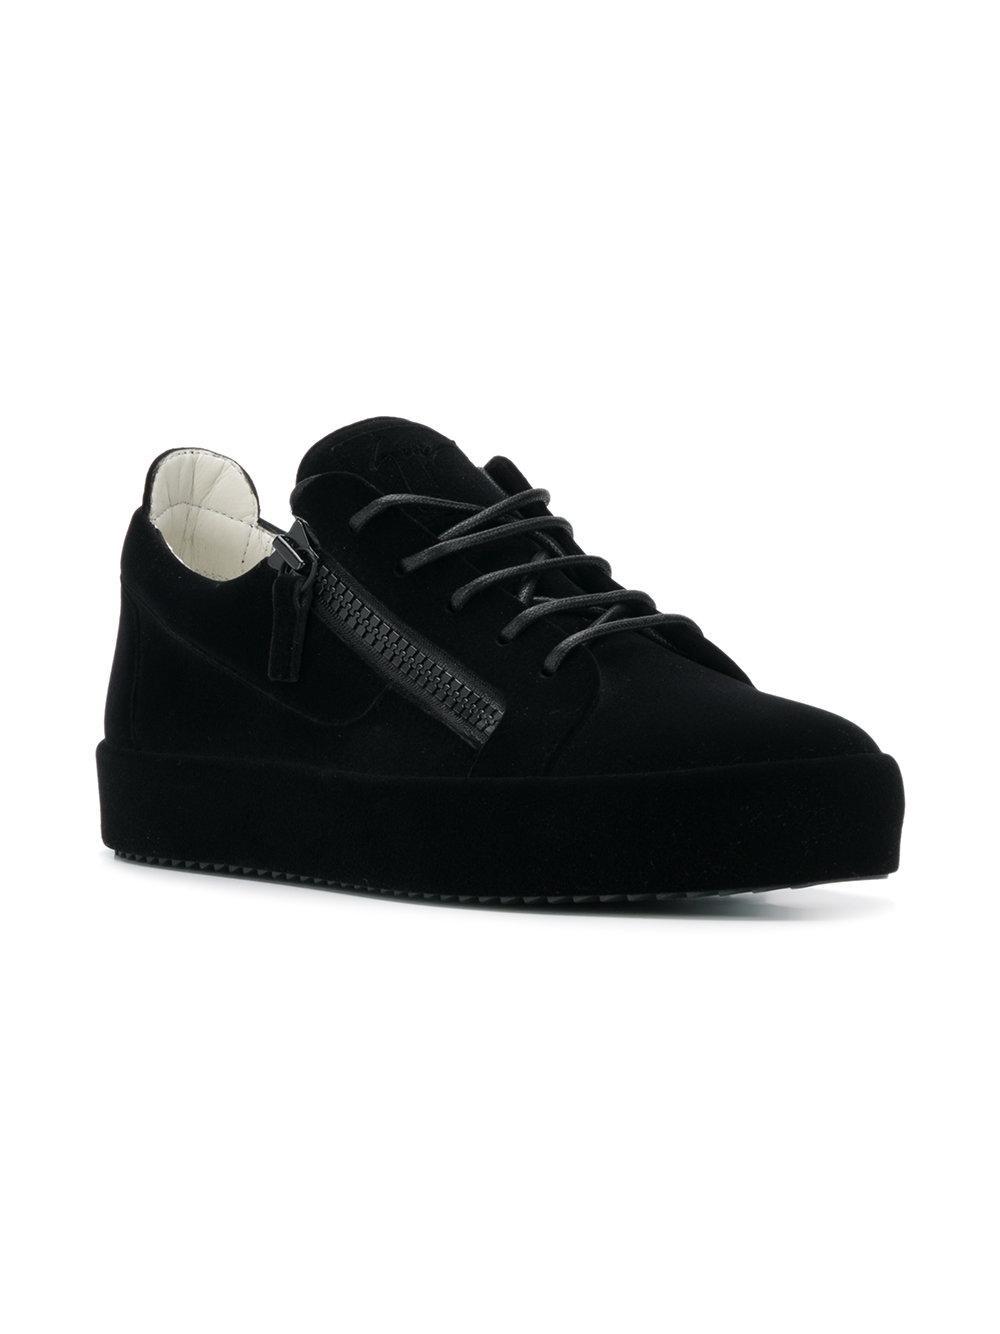 2073874f863 Lyst - Giuseppe Zanotti Double Sneakers in Black for Men